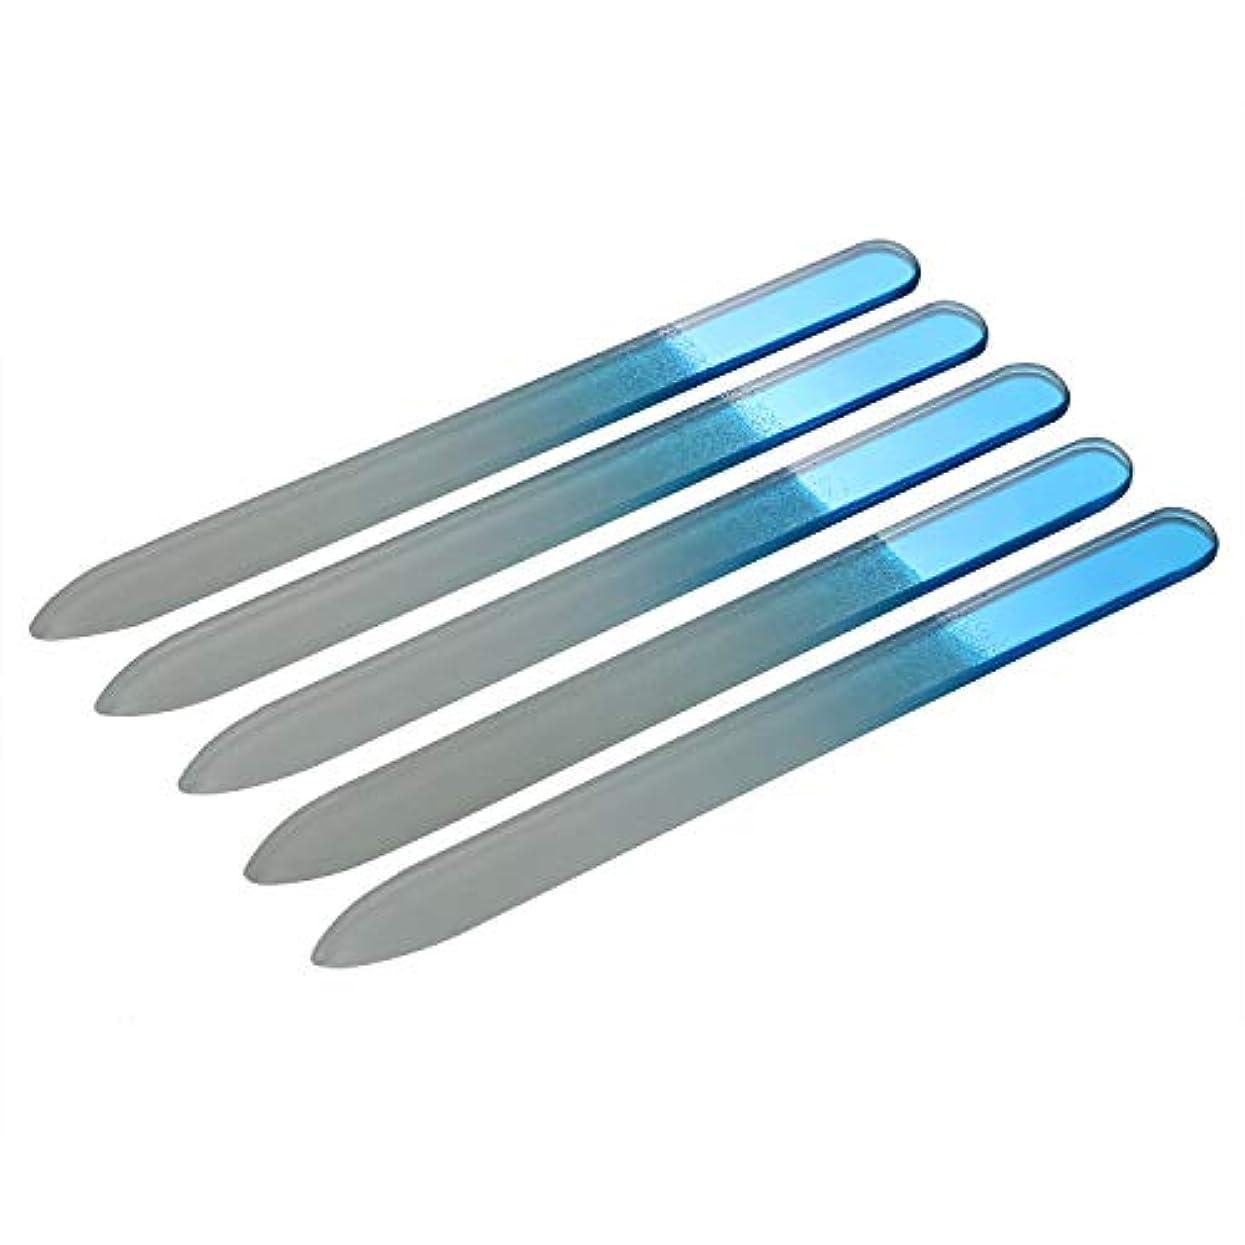 週末半球可能にするJewelryWe 爪やすり 爪磨き ネイルヤスリ ガラス製 両面タイプ 5本セット ブルー